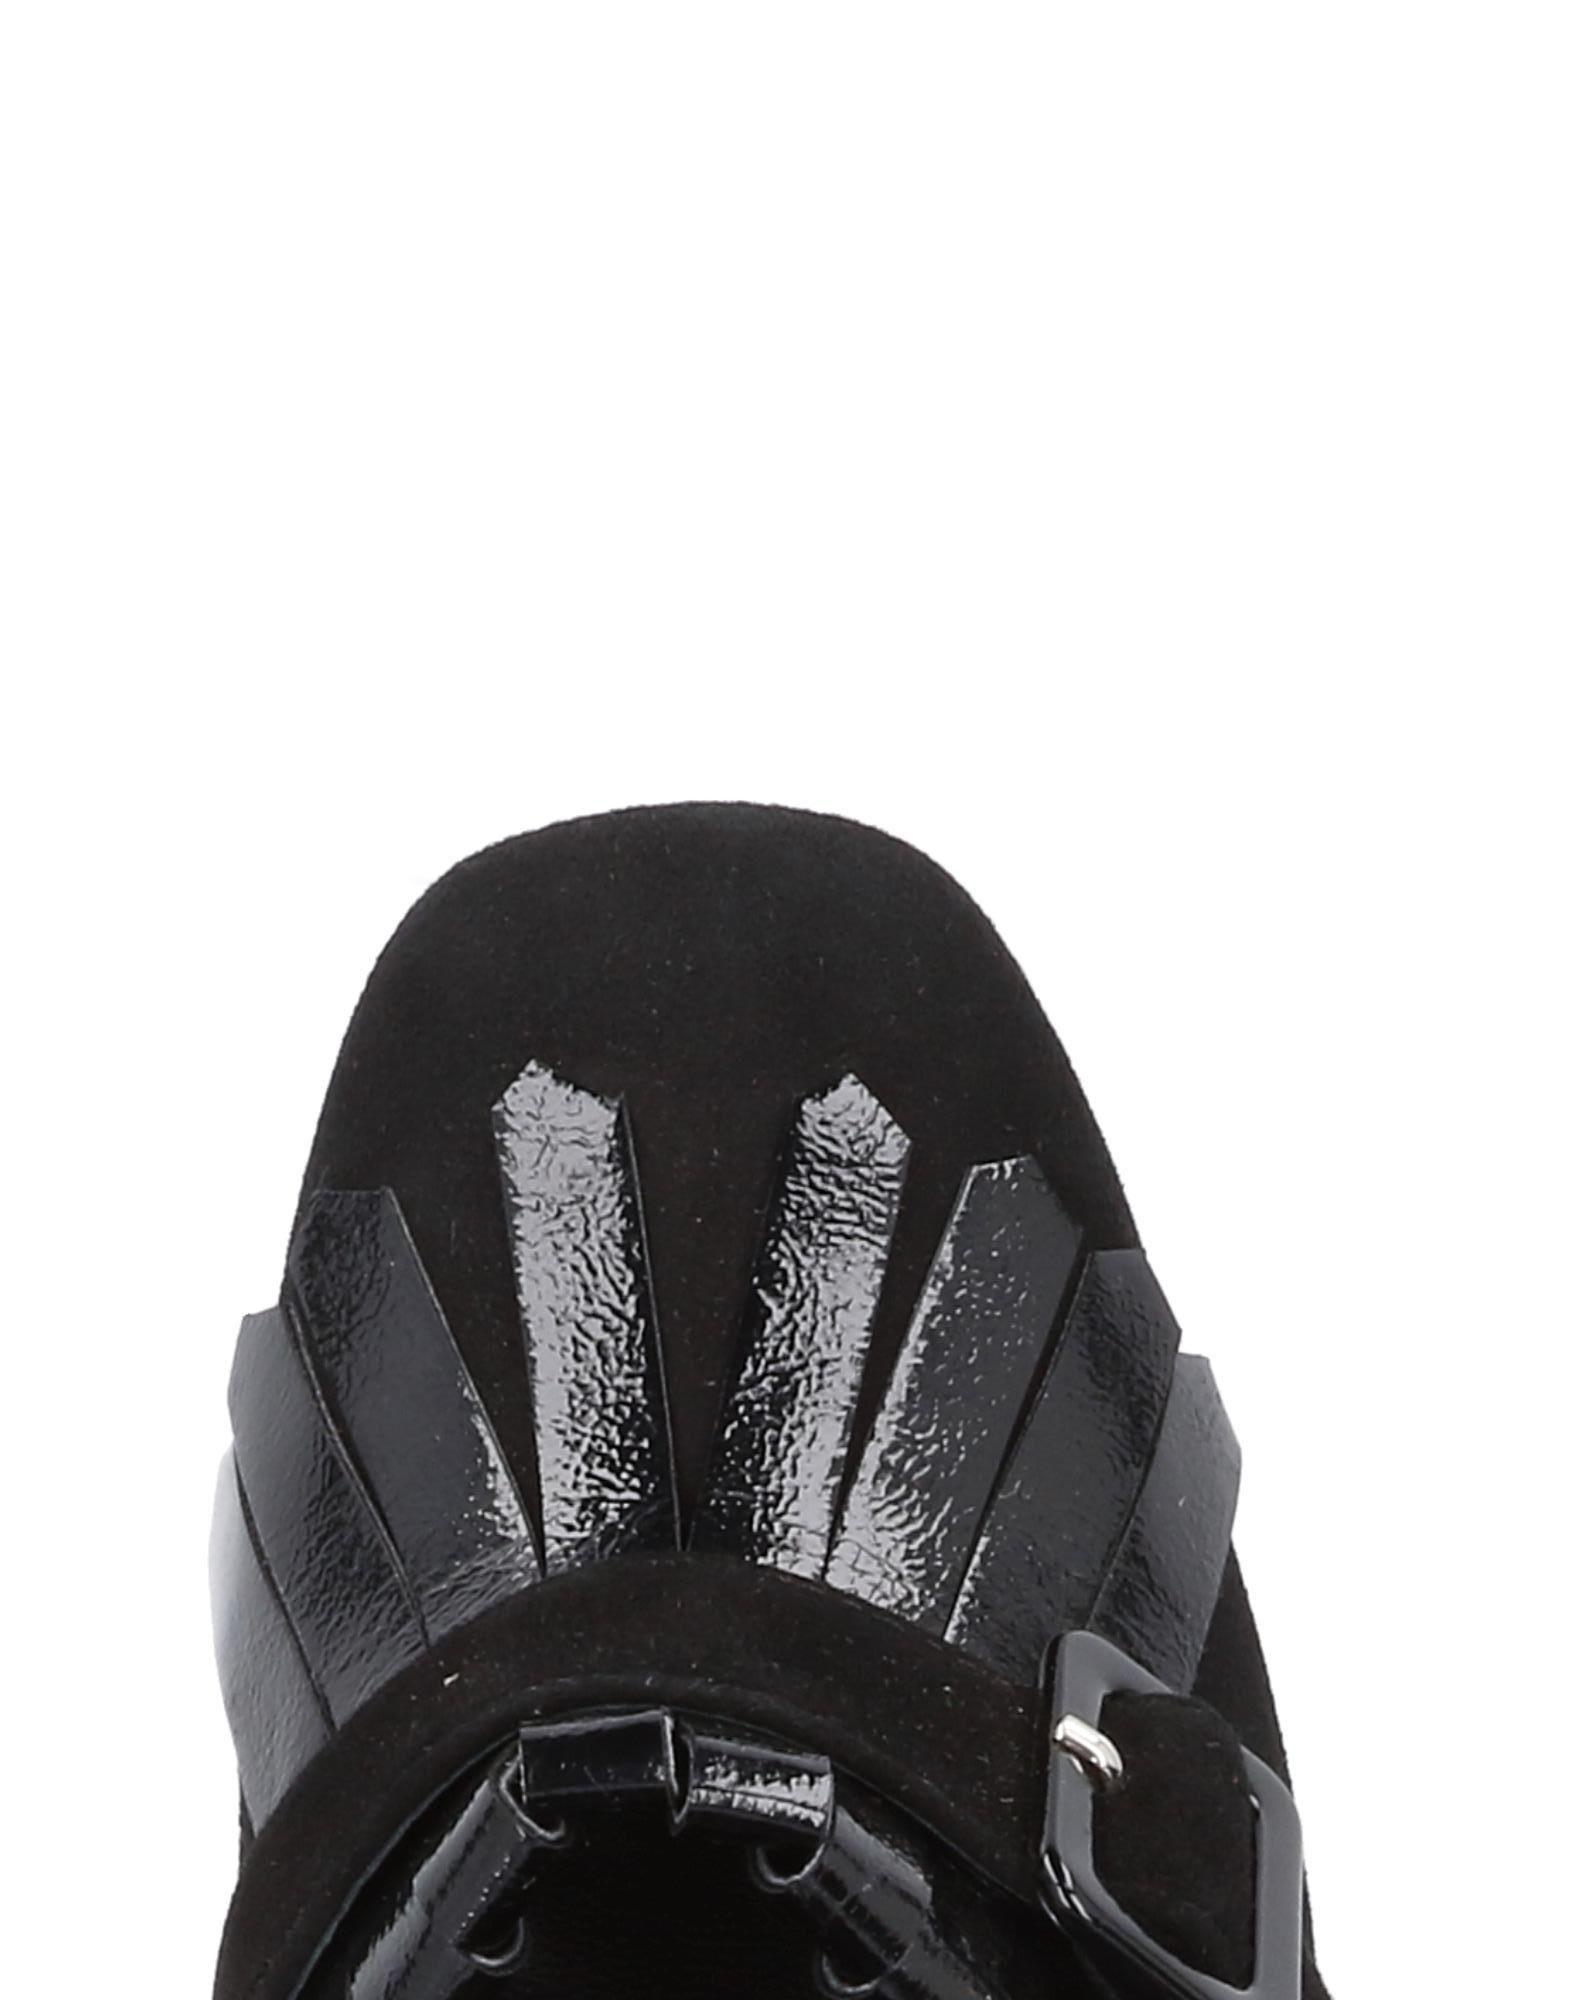 Todai Gute Mokassins Damen  11480453VC Gute Todai Qualität beliebte Schuhe c660f4